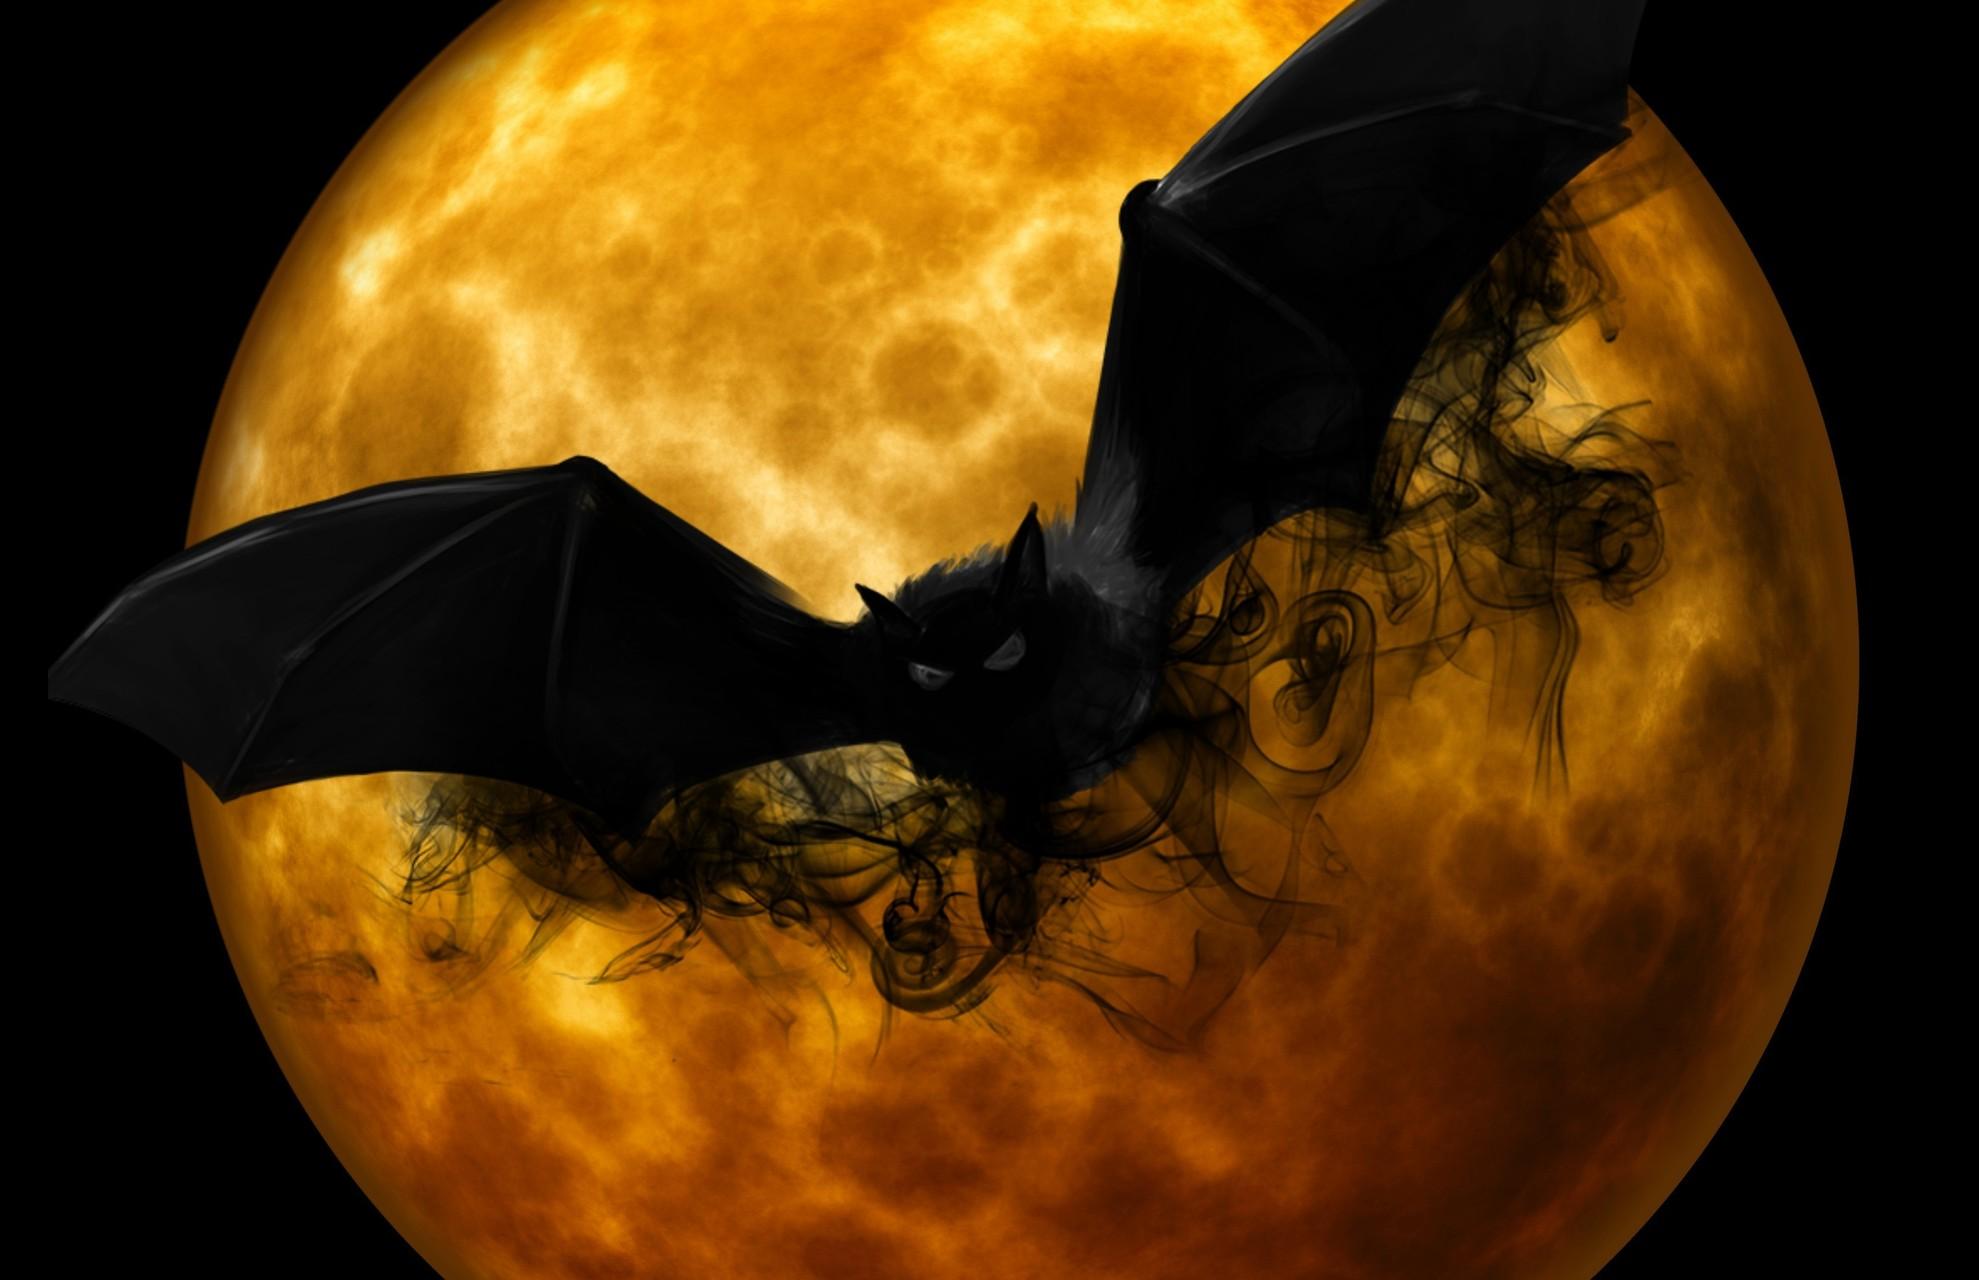 Los mejores wallpapers para descargar - Murcielago halloween ...